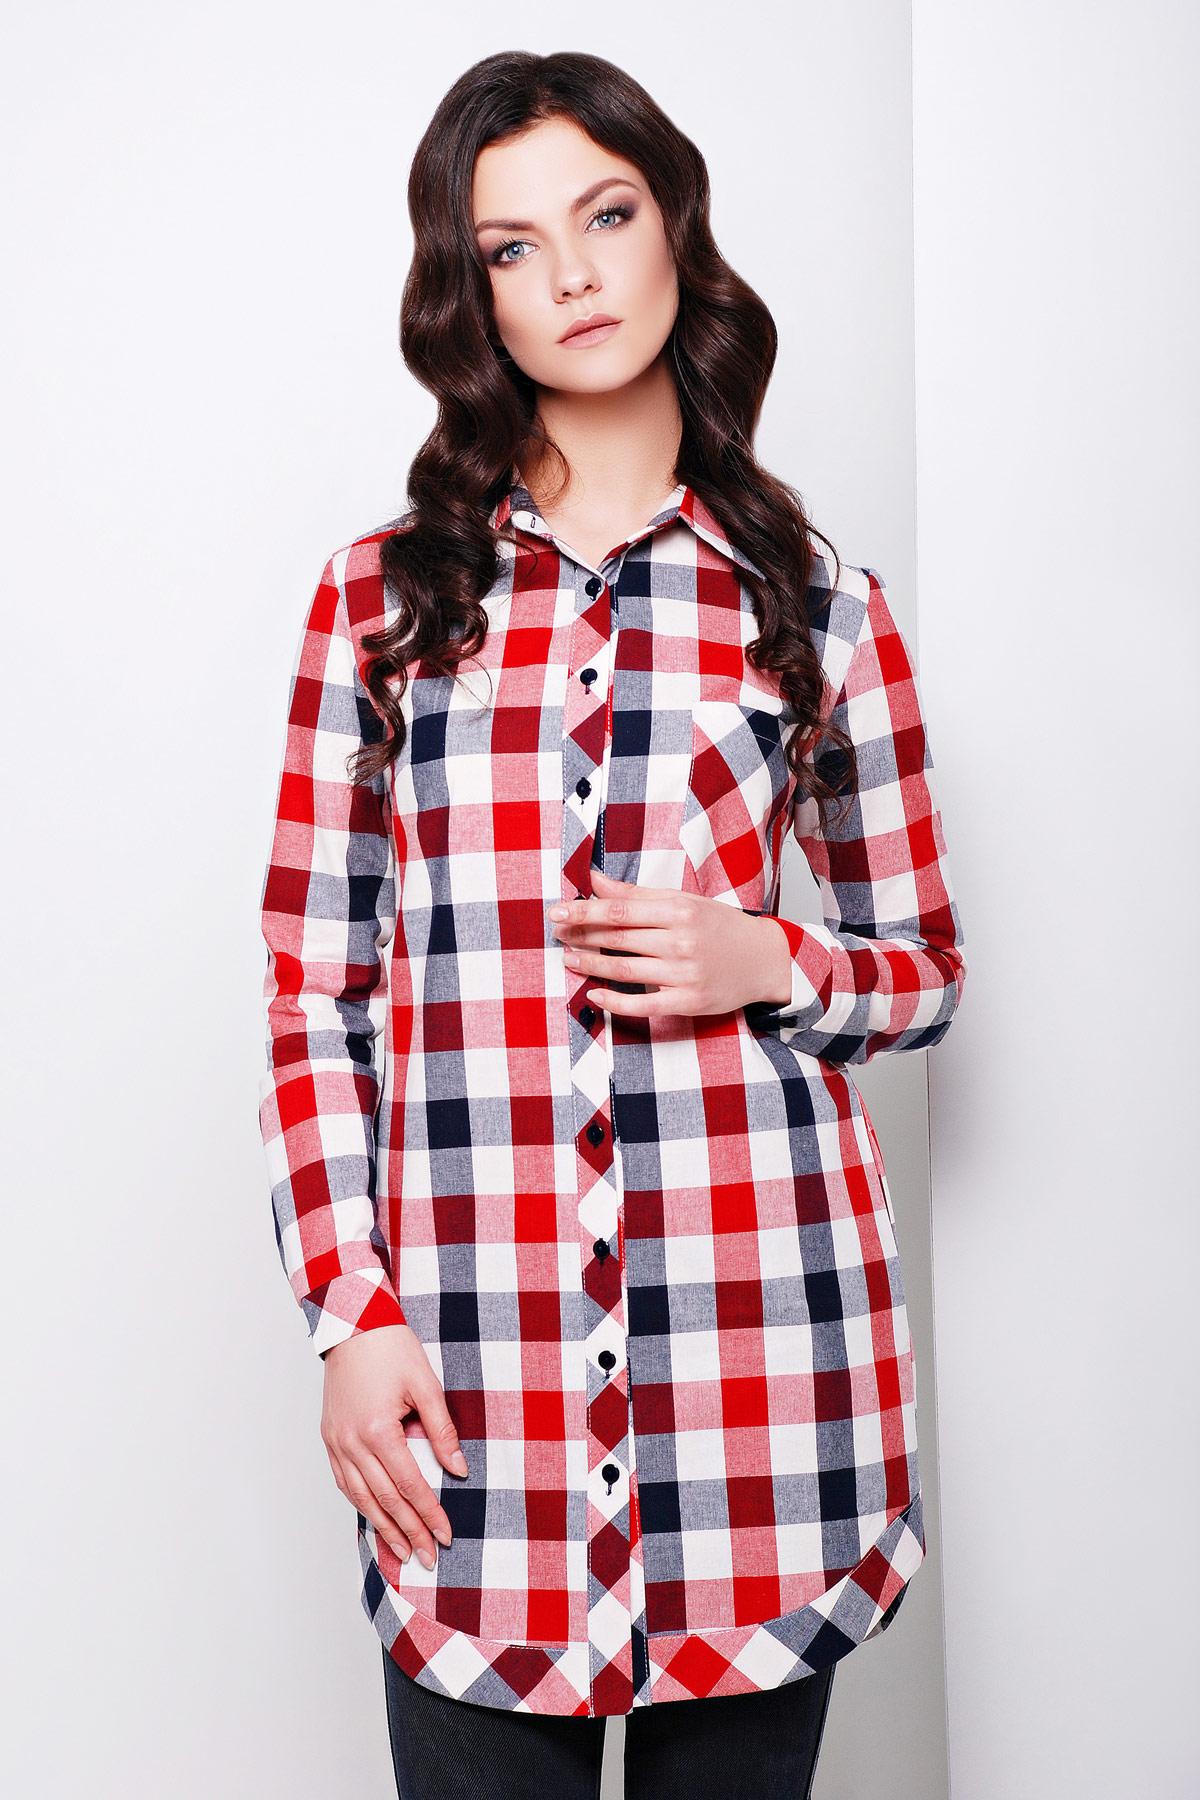 8a7dfe66f24 удлиненная красная фланелевая рубашка в клетку. рубашка Флорида д р. Цвет   красный